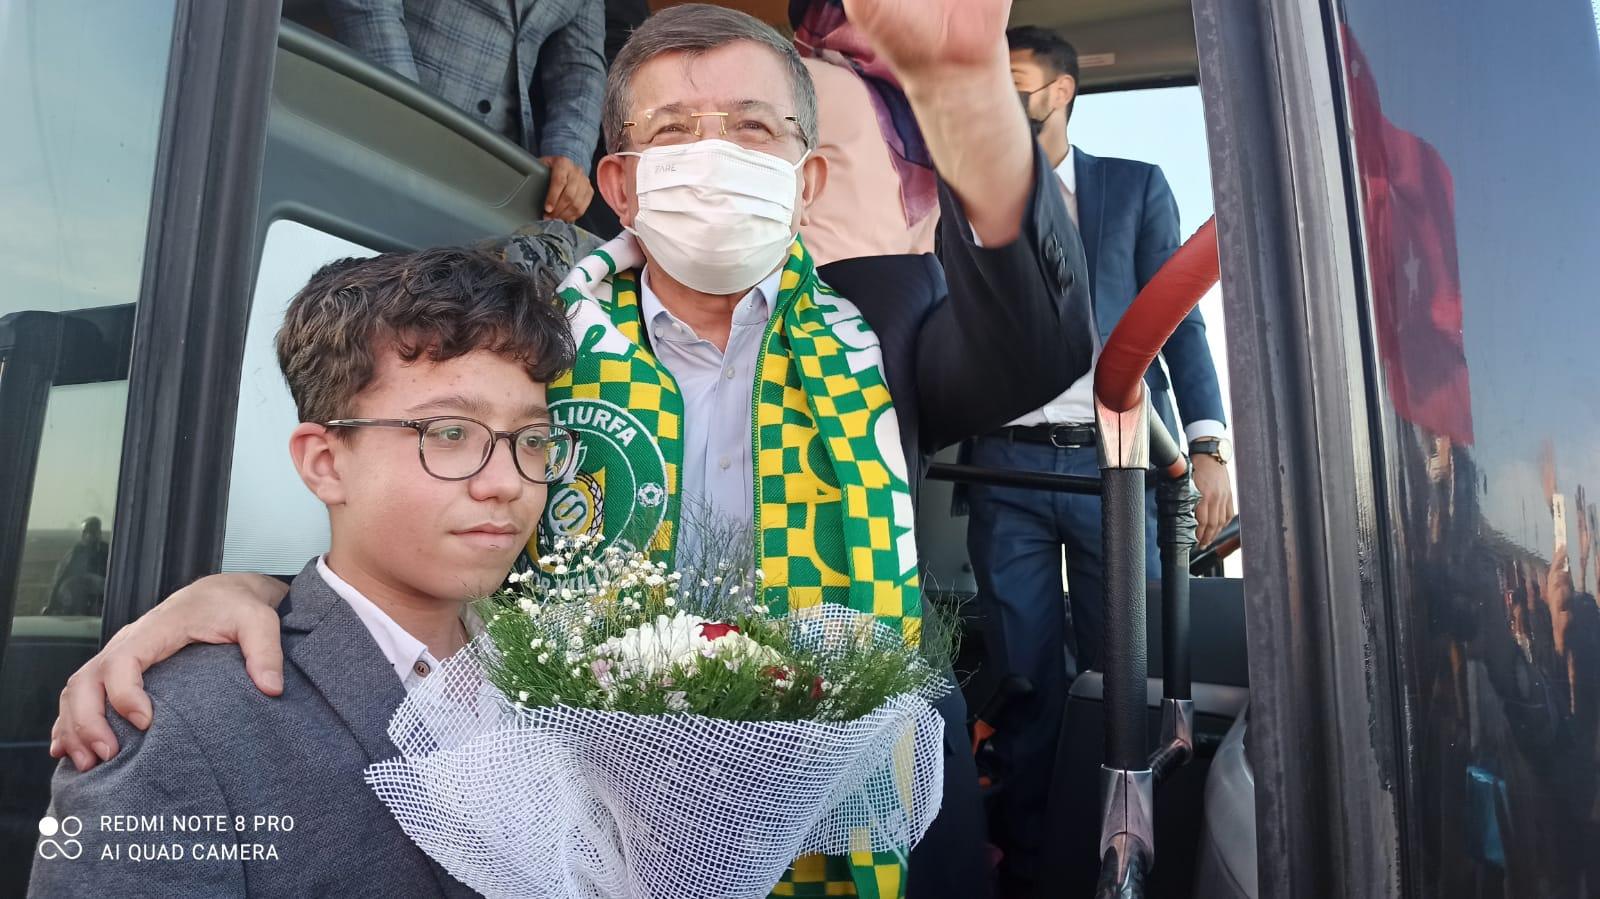 Genel Başkanımız Sayın Ahmet Davutoğlu'nu Birecik'te karşılıyoruz